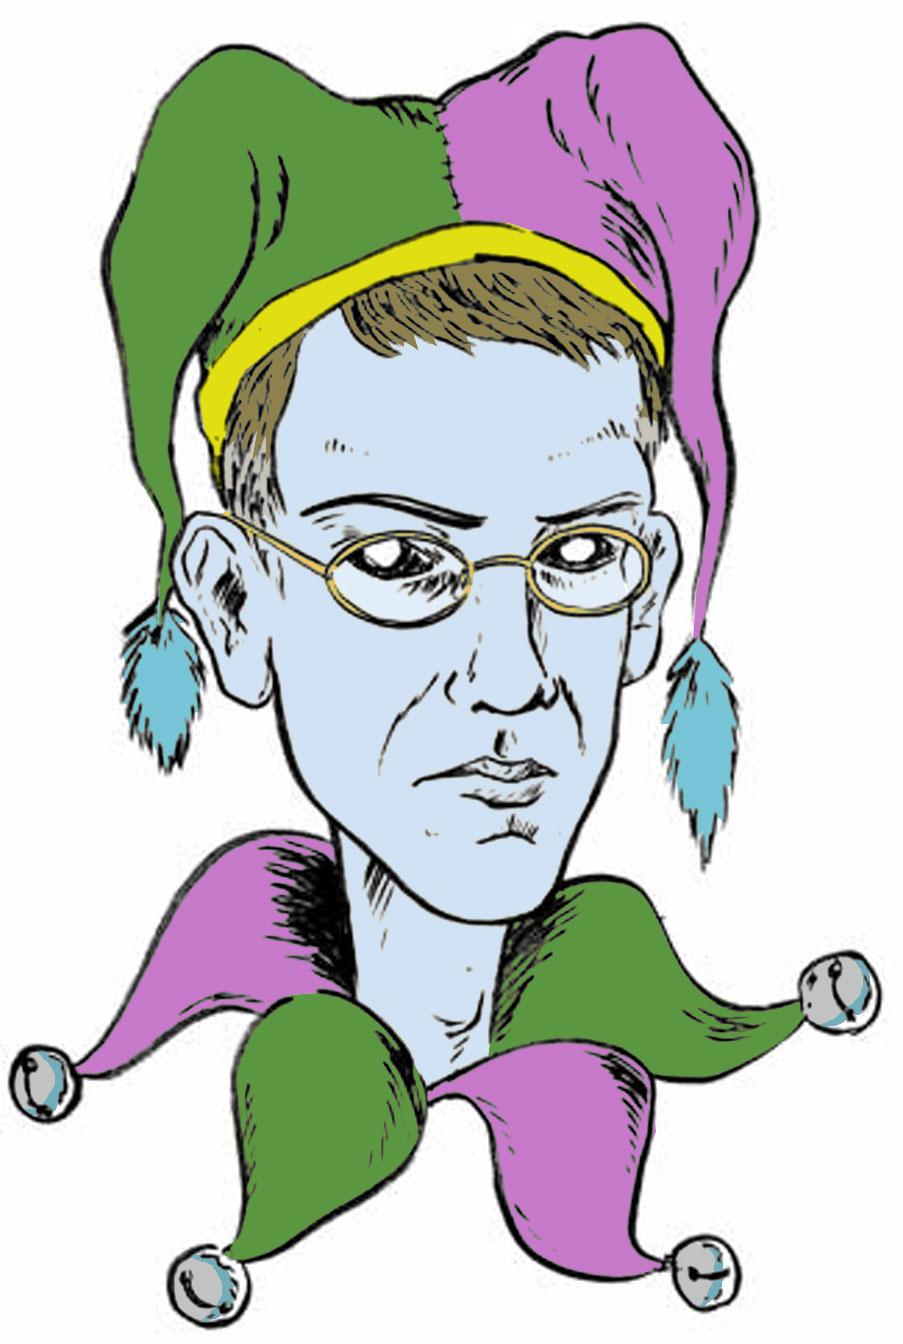 pseudo-portrait of Mike